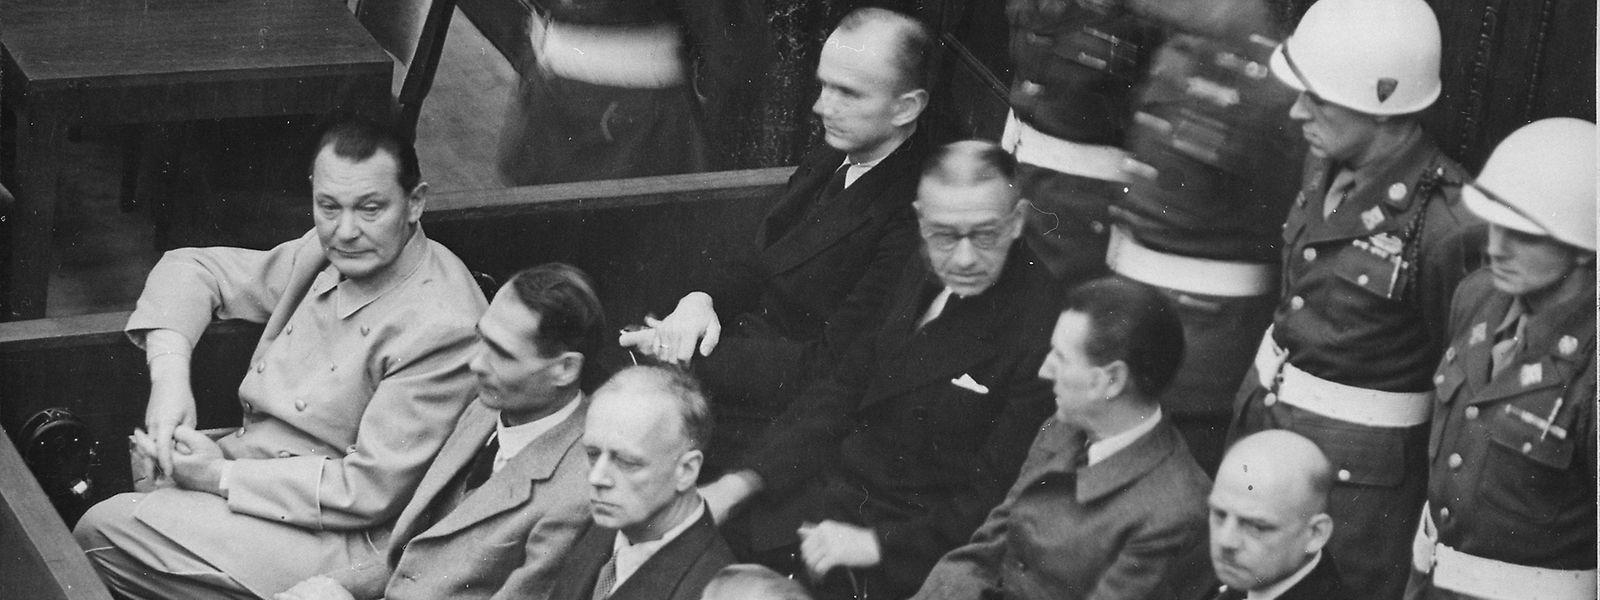 Die Mächtigen des NS-Staates wurden für ihre Verbrechen zur Verantwortung gezogen.